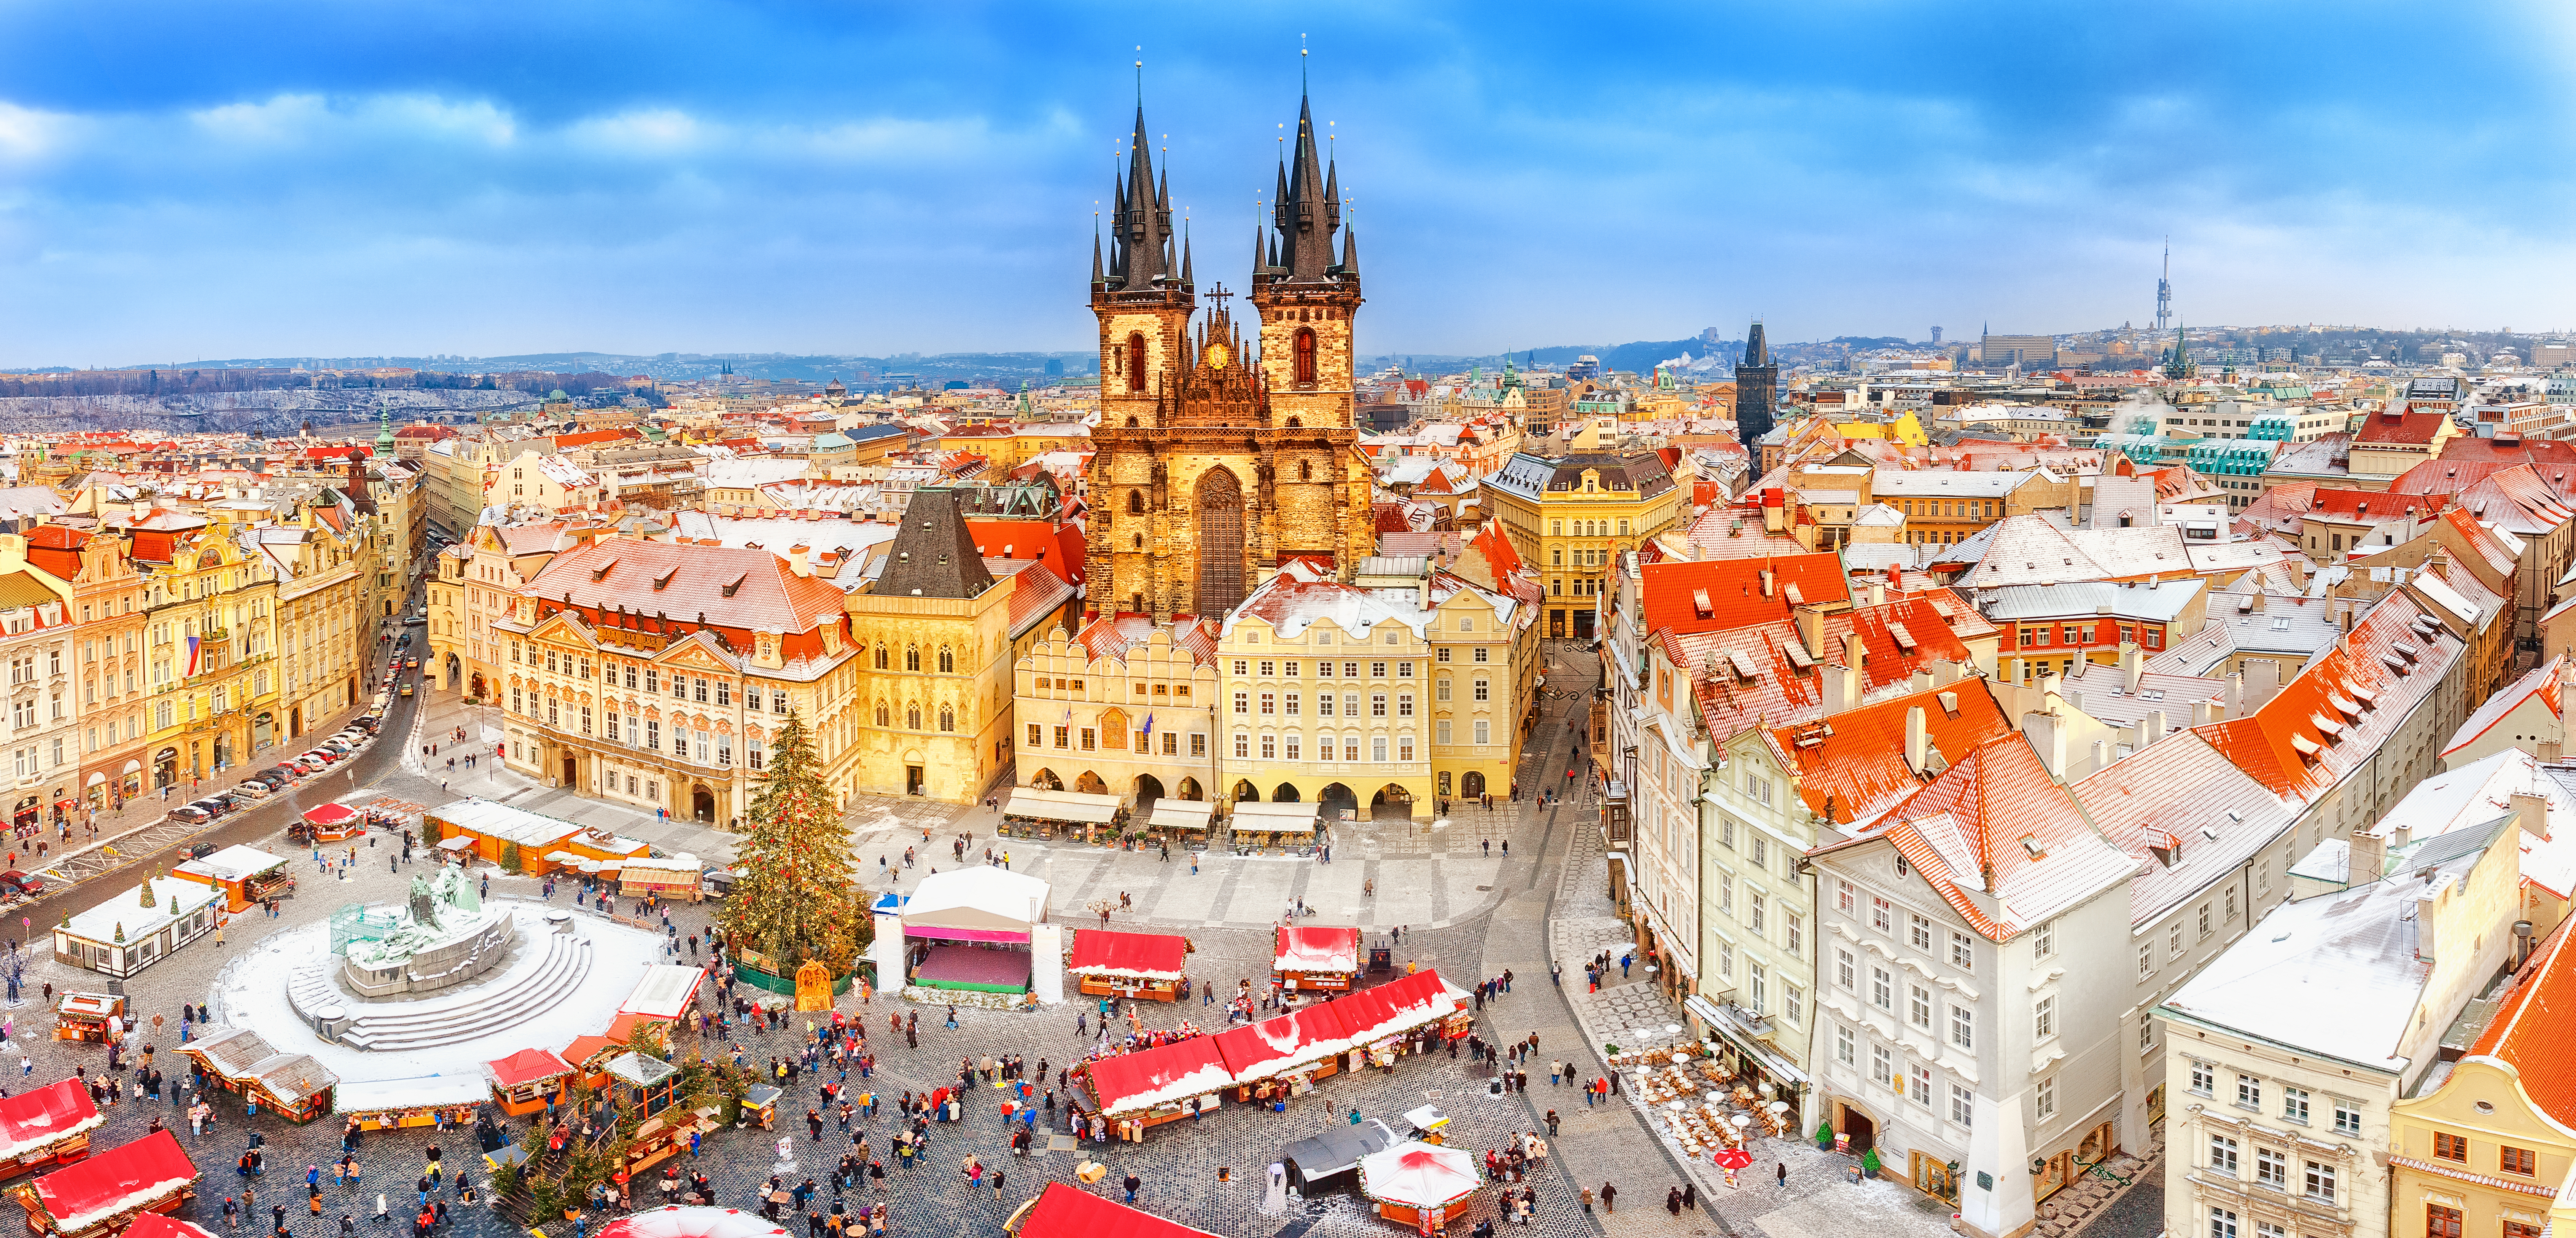 Прага, столица Чехии, одной из лучших стран для иммиграции из СНГ